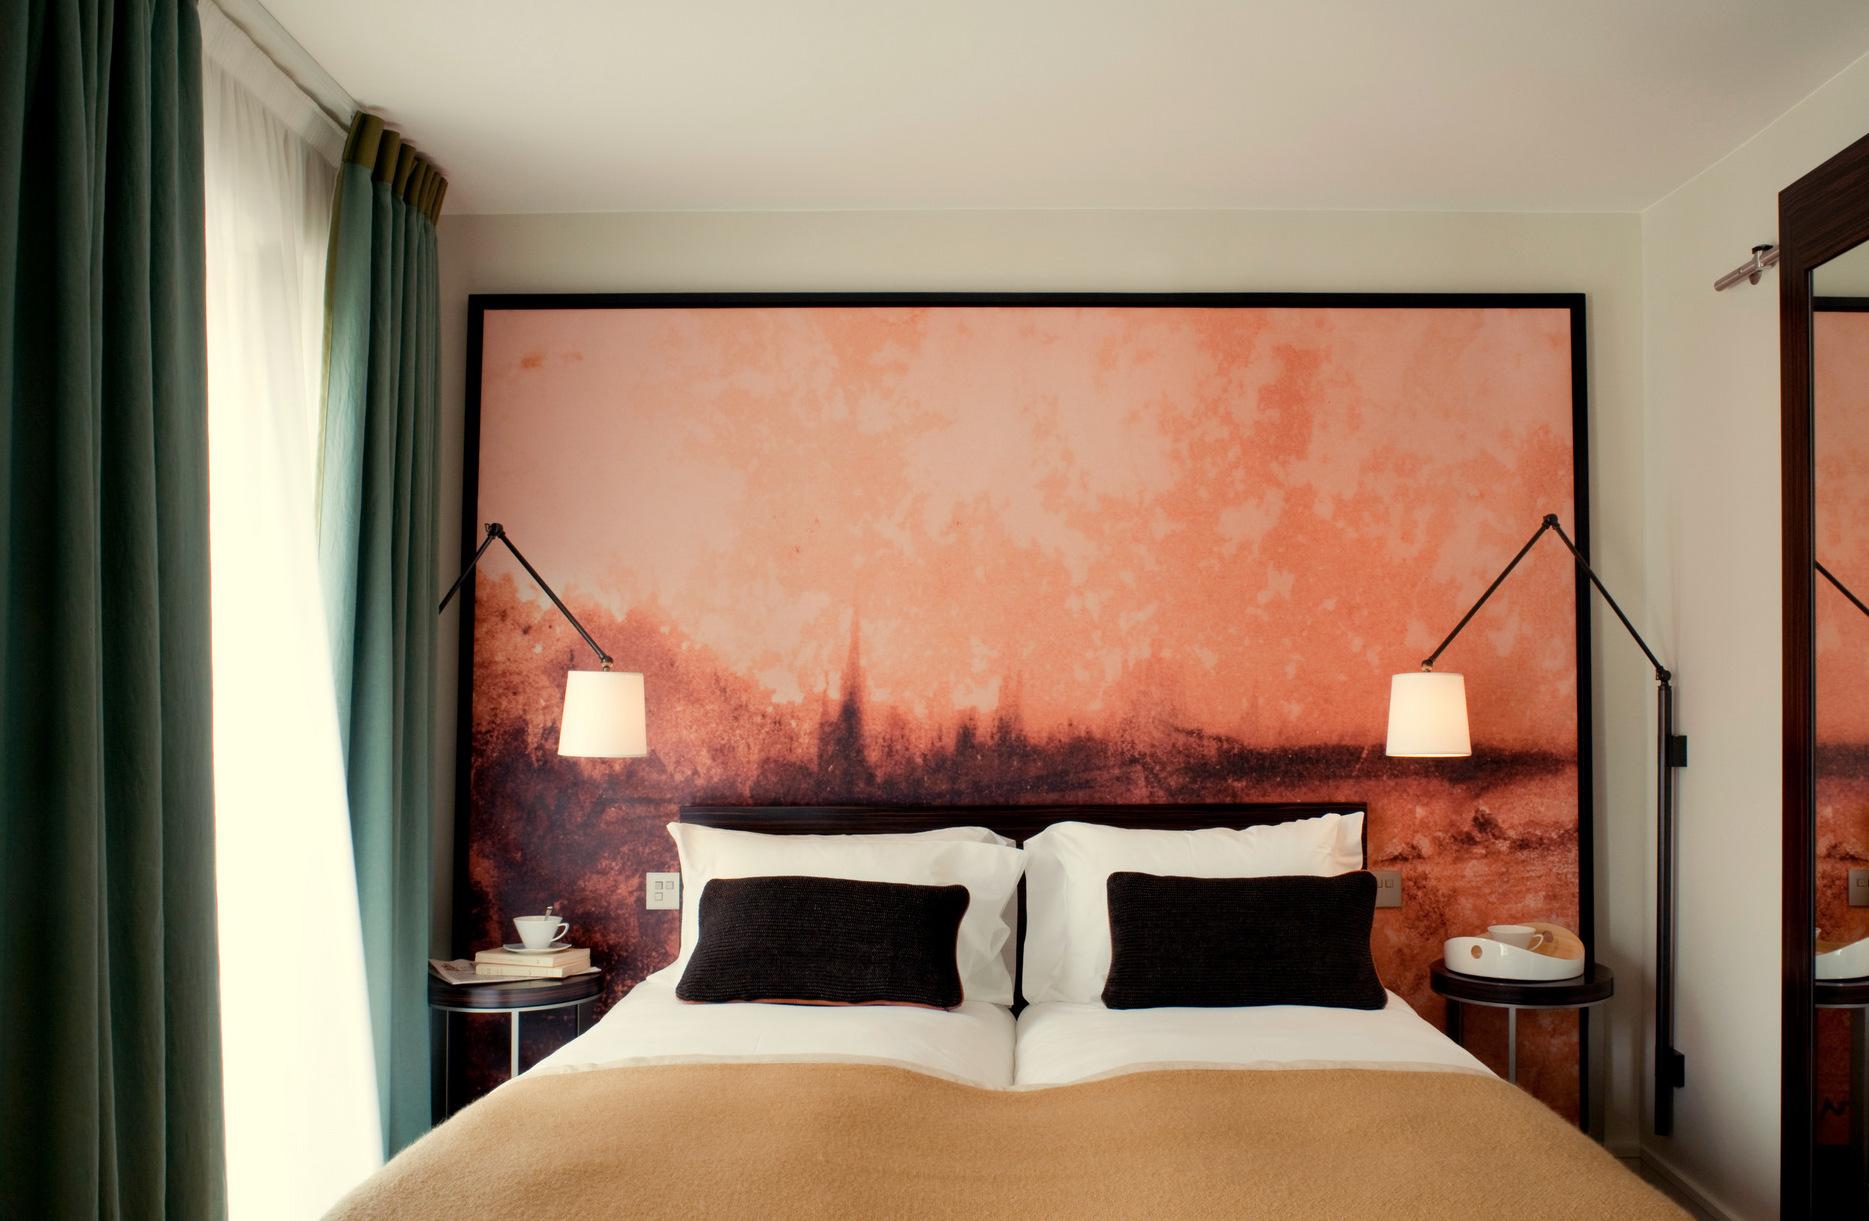 Paris boutique hotels top 10 boutique hotels in paris for Best design boutique hotels paris